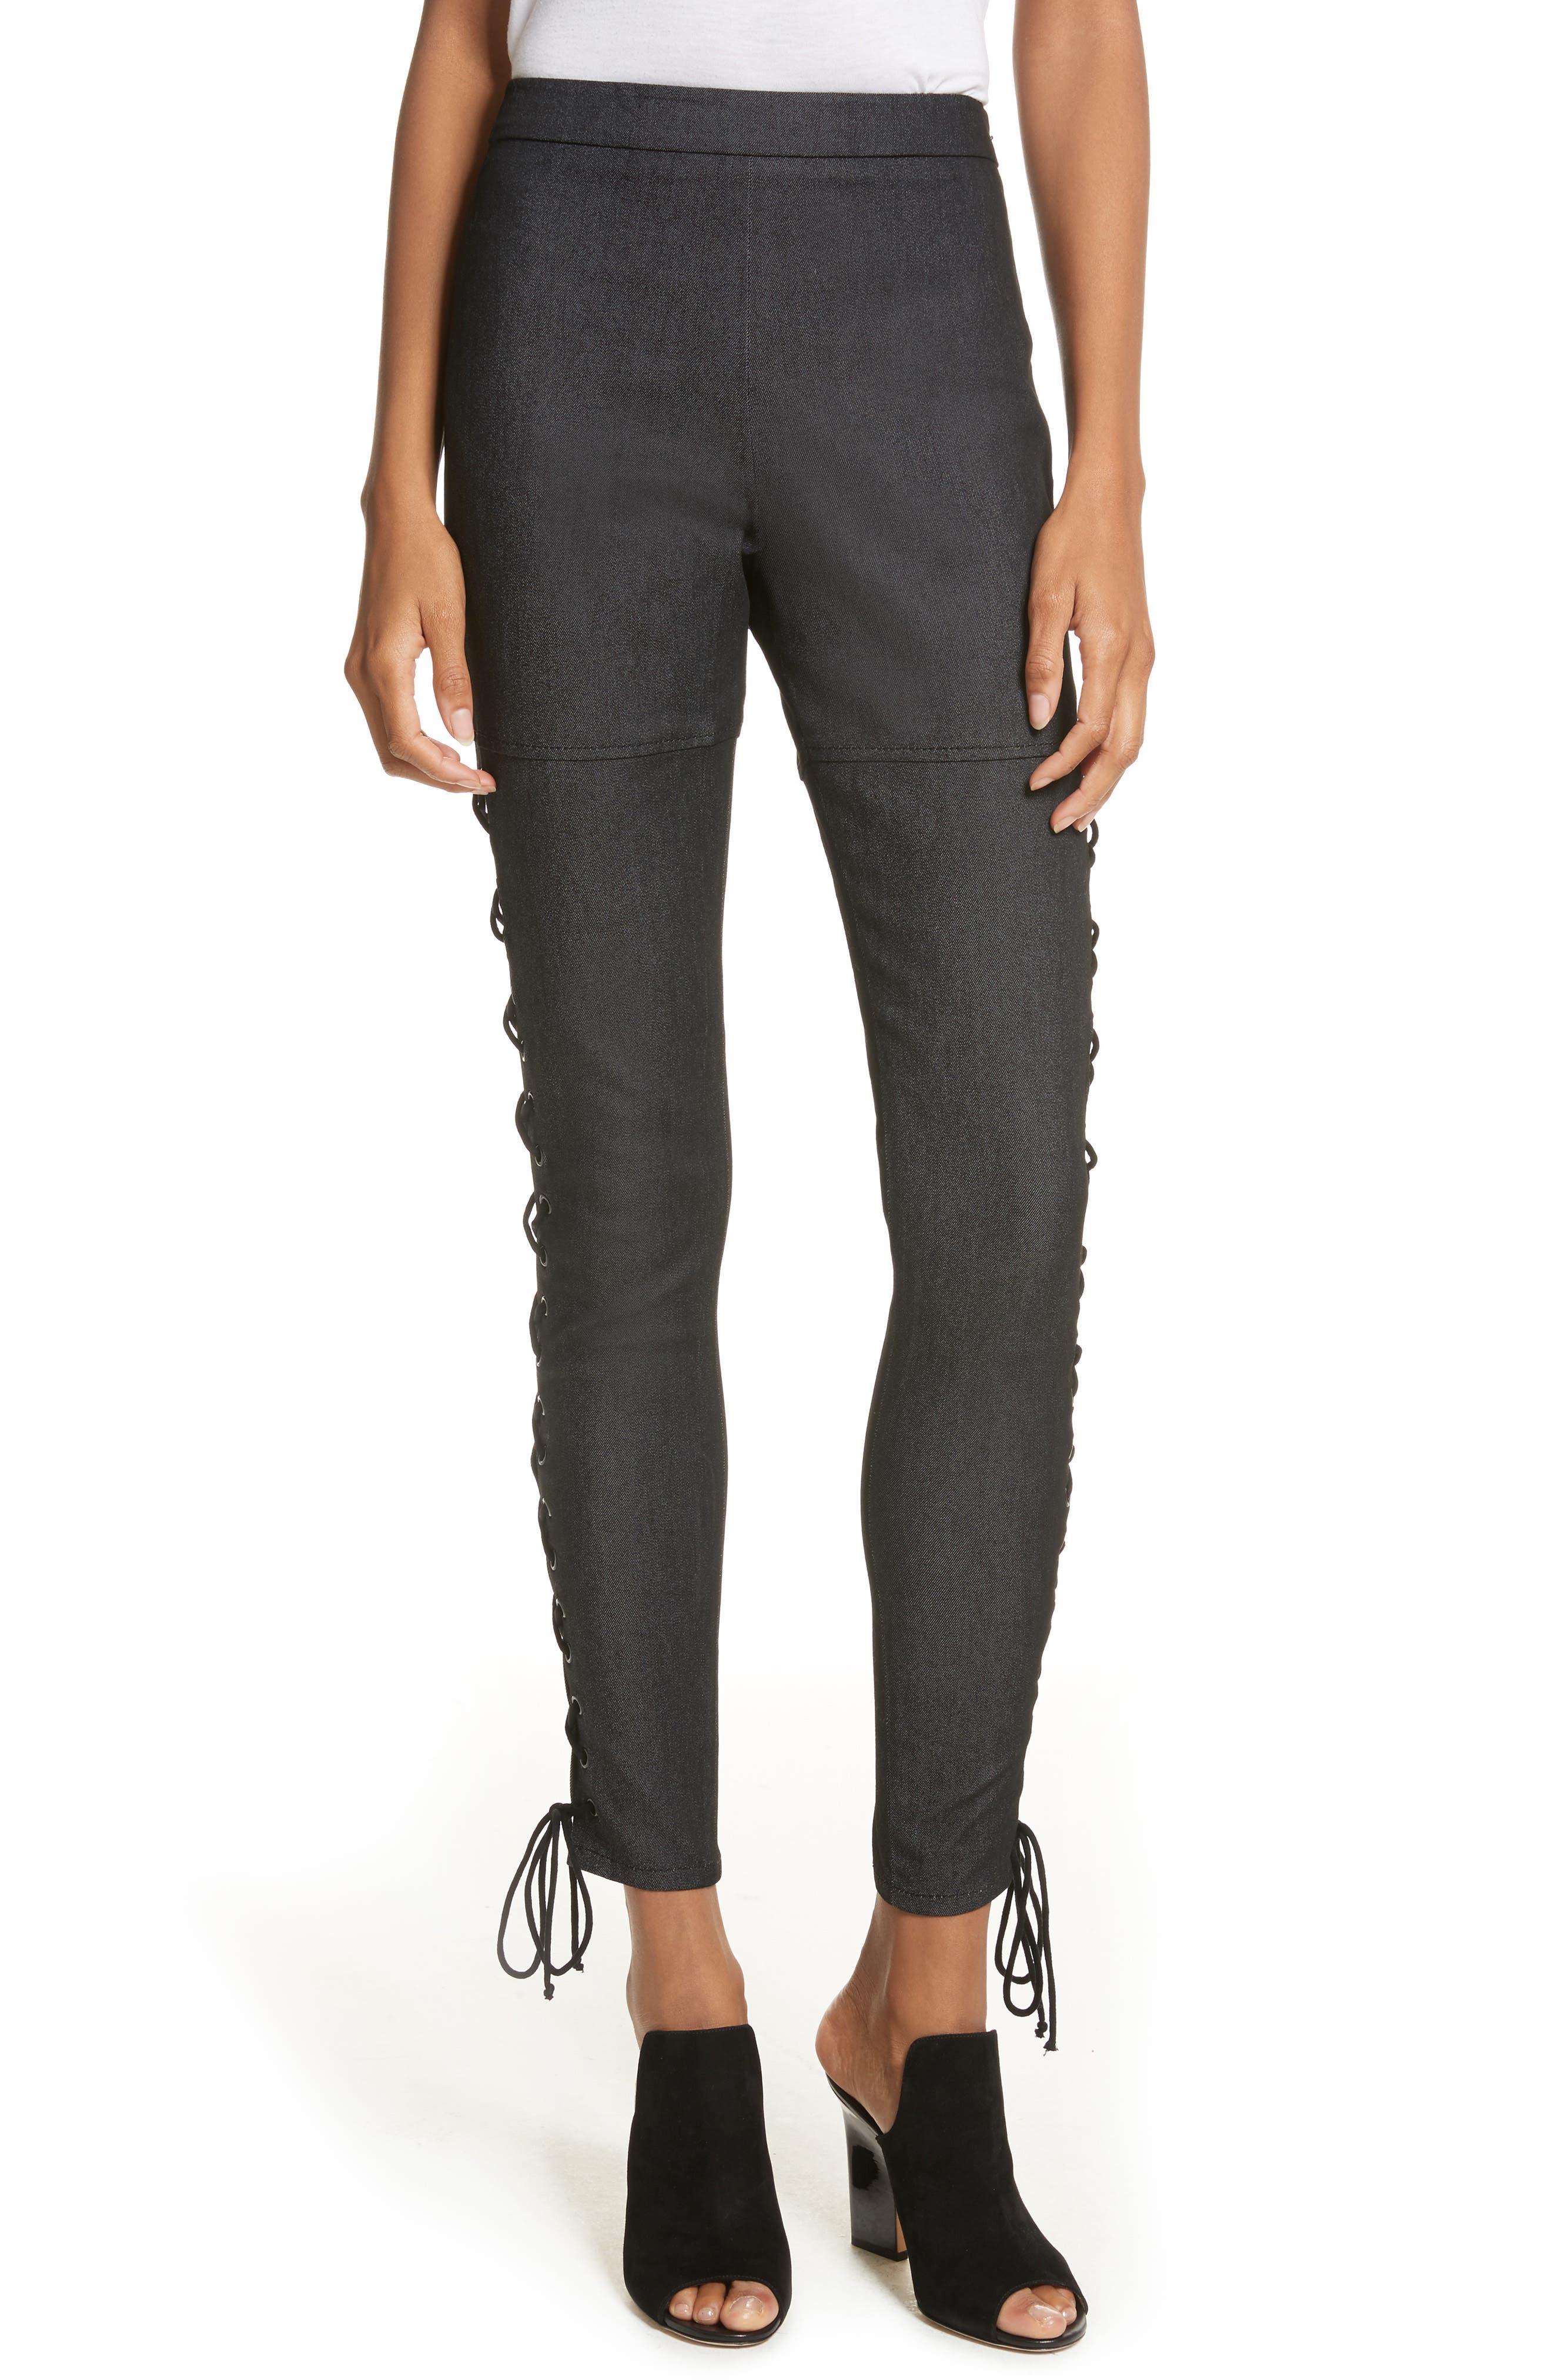 Cinq à Sept Kiran Lace-Up Stretch Denim Pants